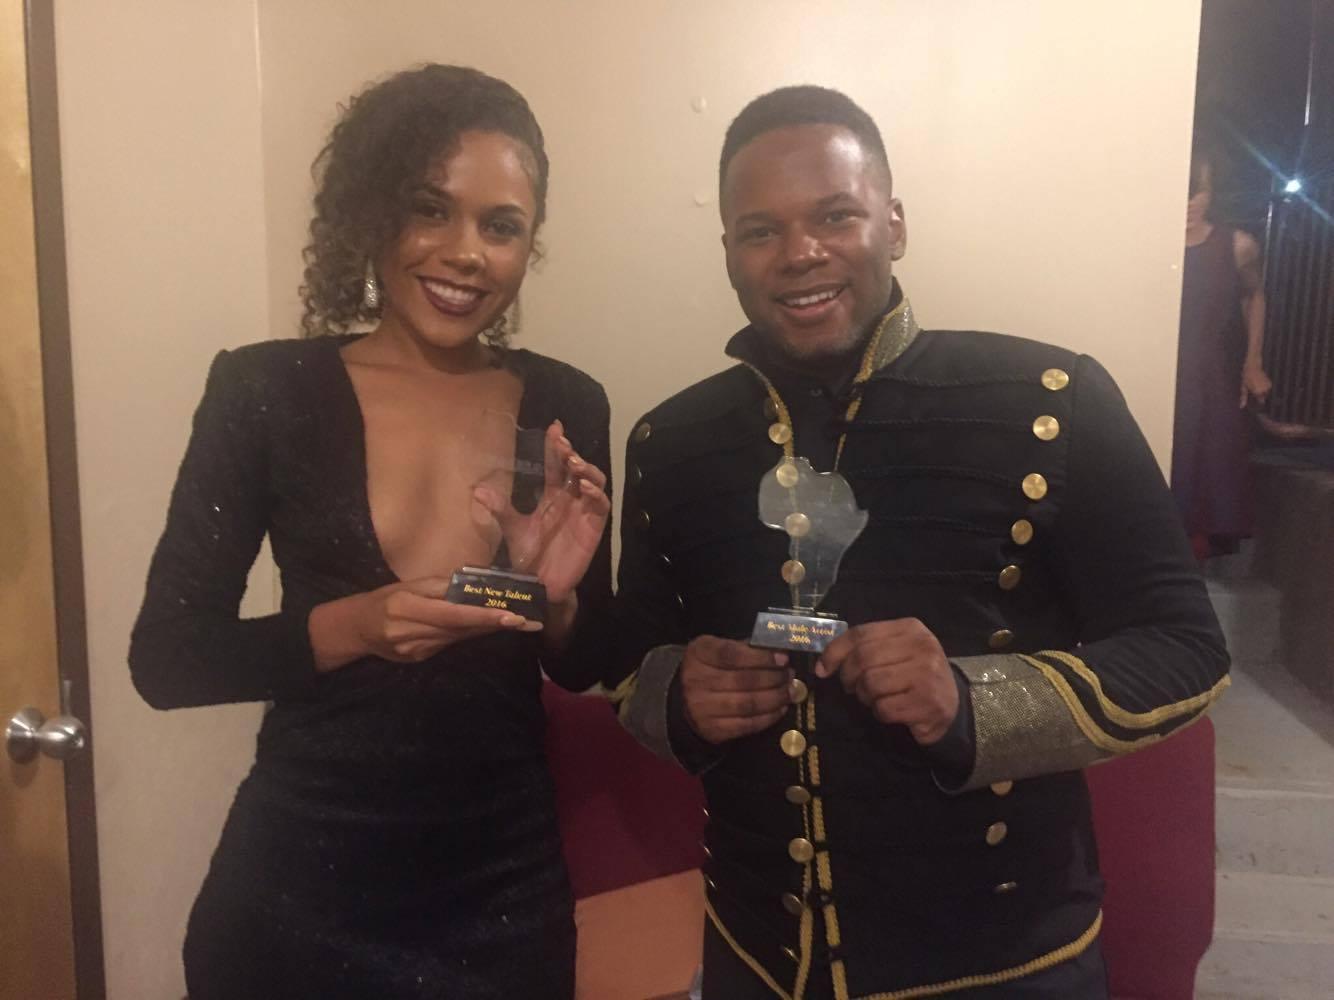 Arrancaram as nomeações para os African Entertainment Awards 2017